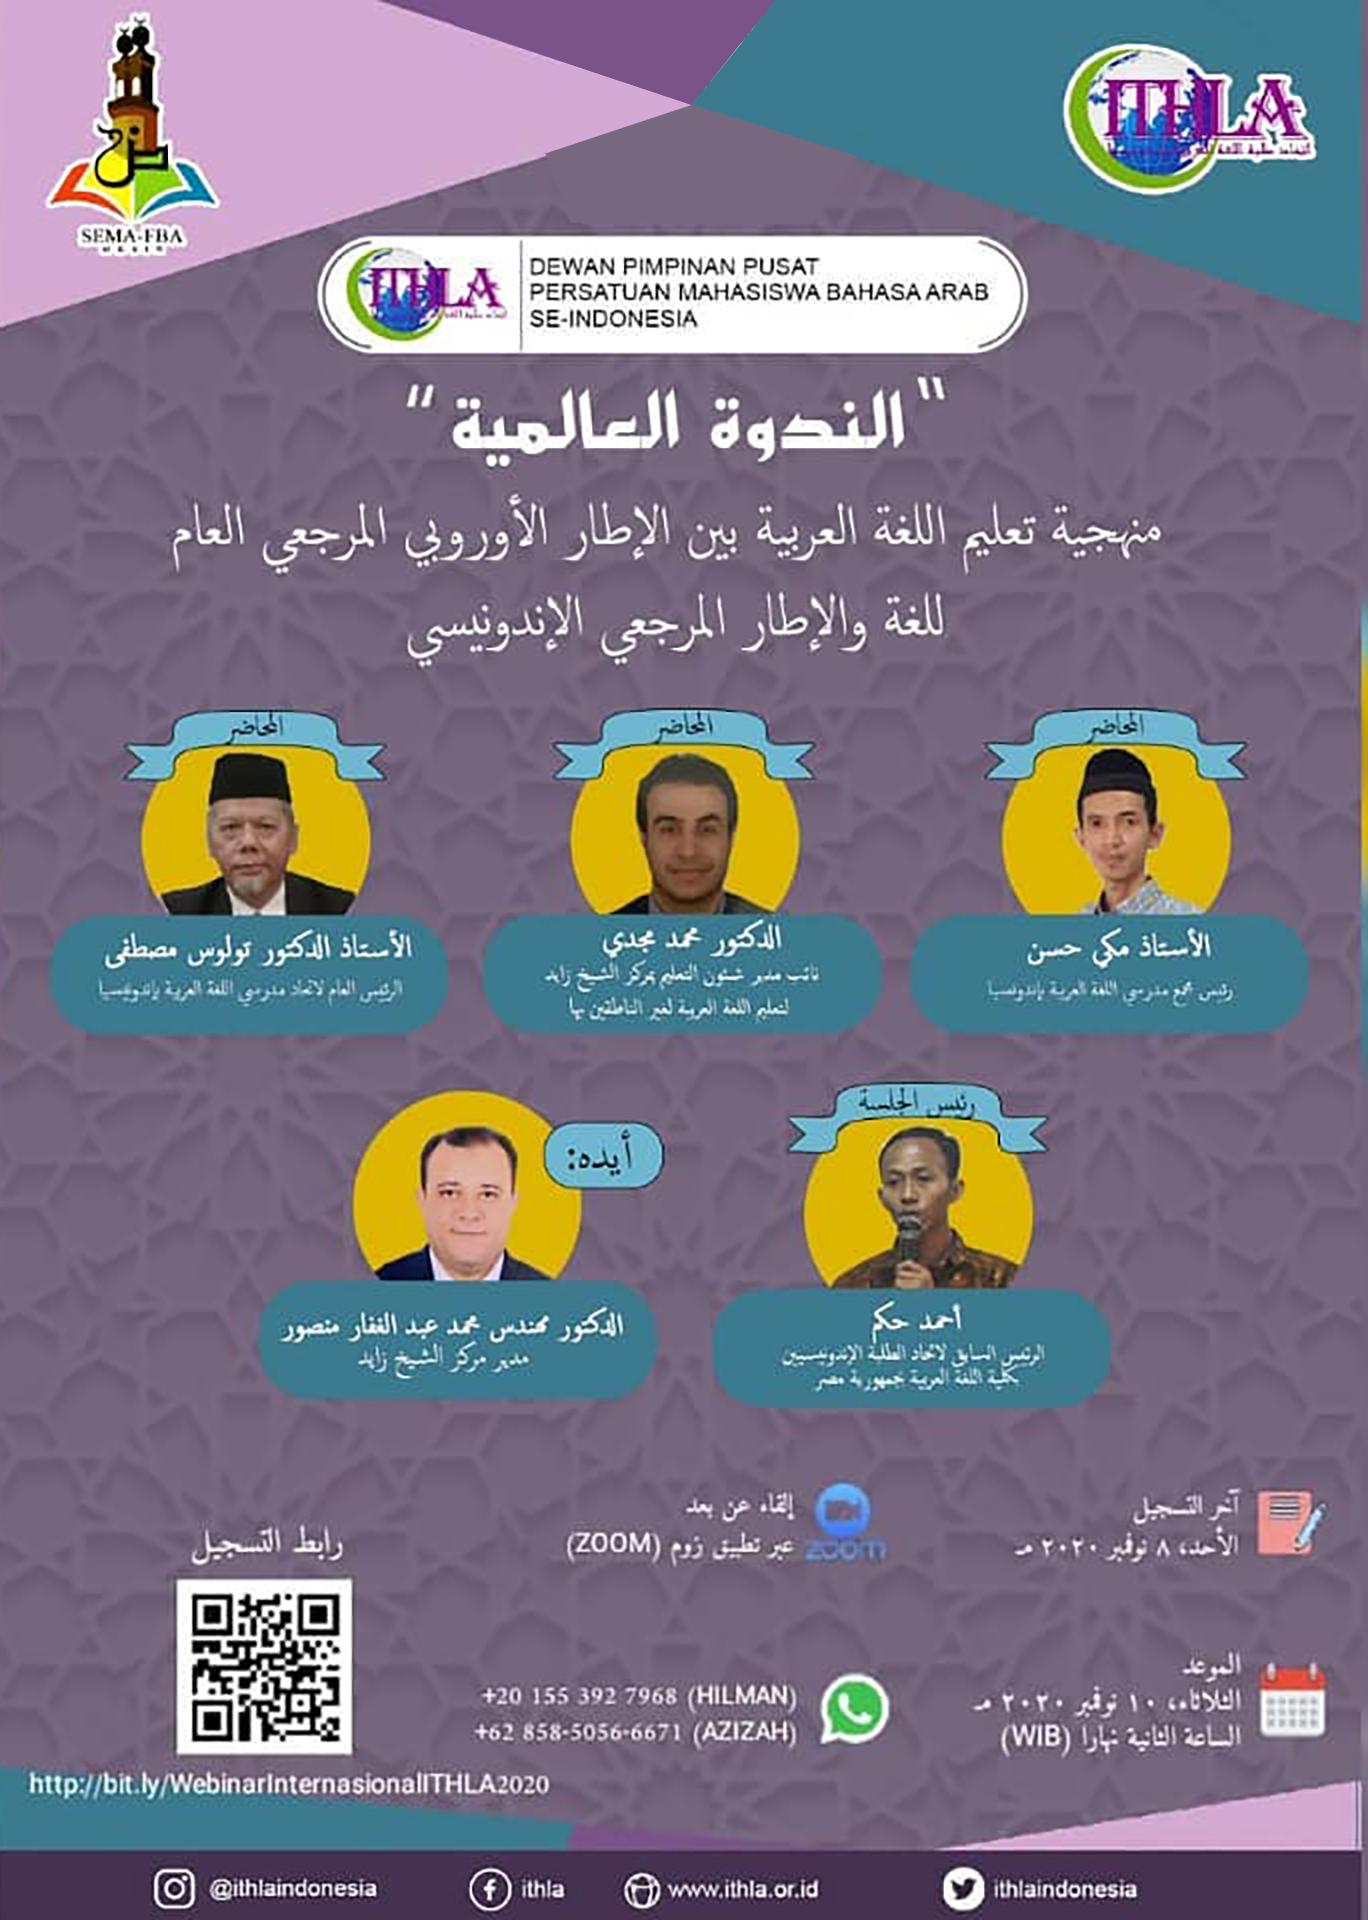 Webinar Internasional Metodologi Pembelajaran Bahasa Arab